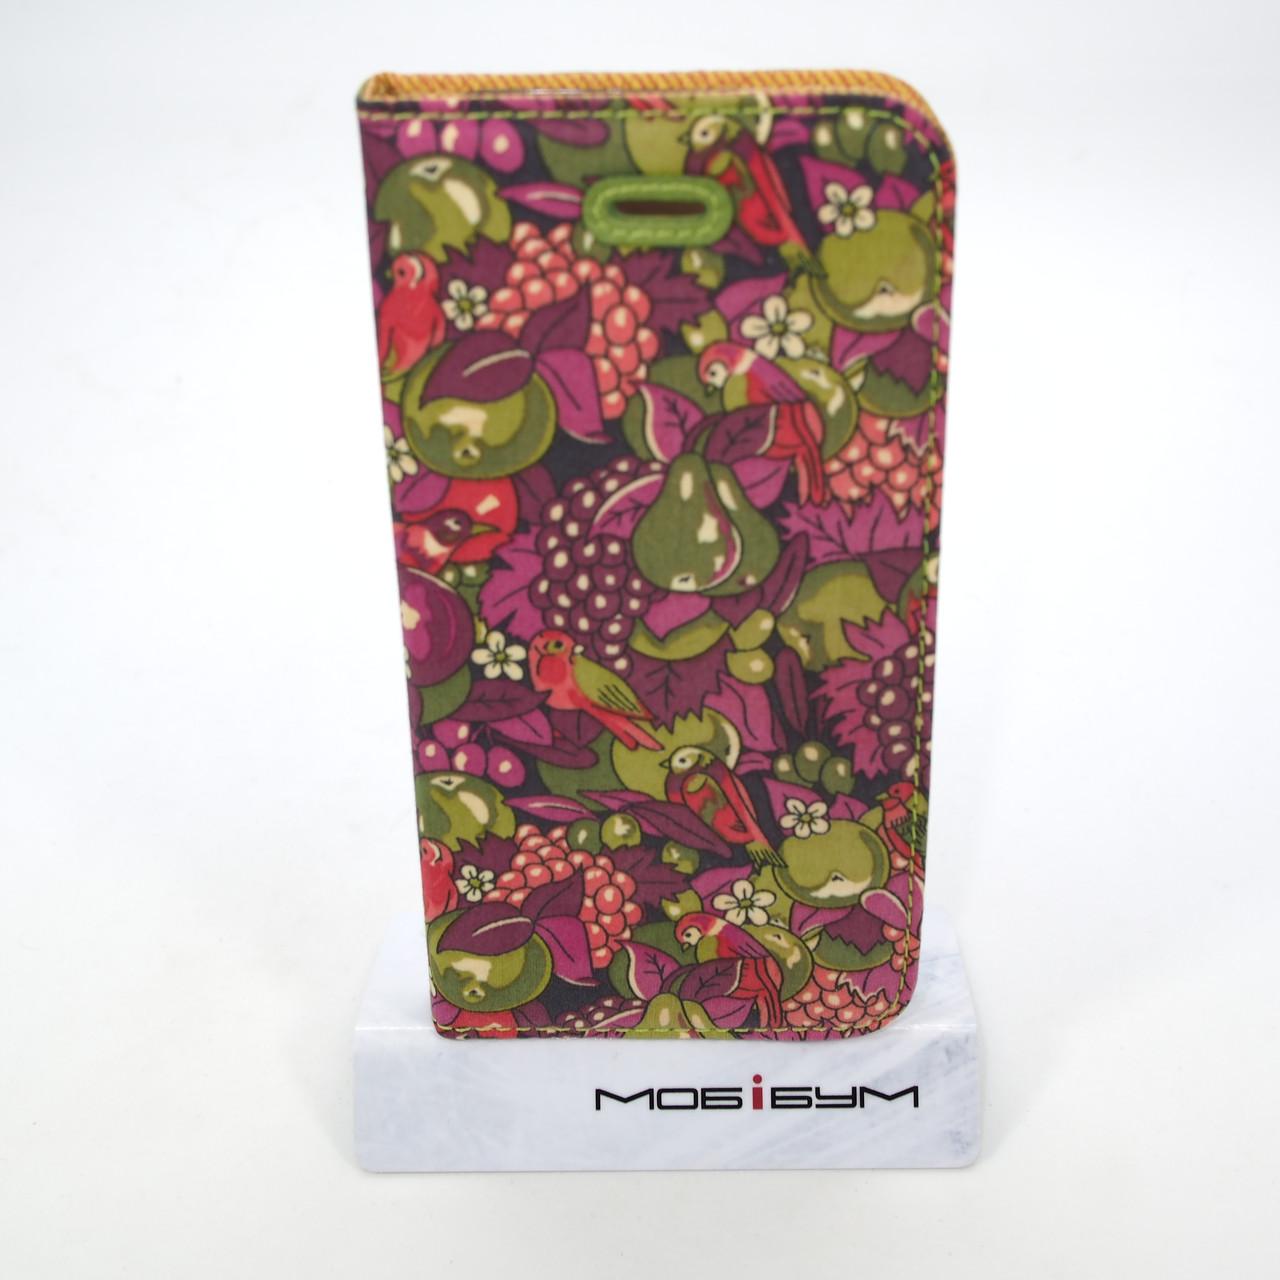 Чехол AVOC Liberty Diary iPhone 5s/SE Wine/Osbornes EAN/UPC: 8809387768242